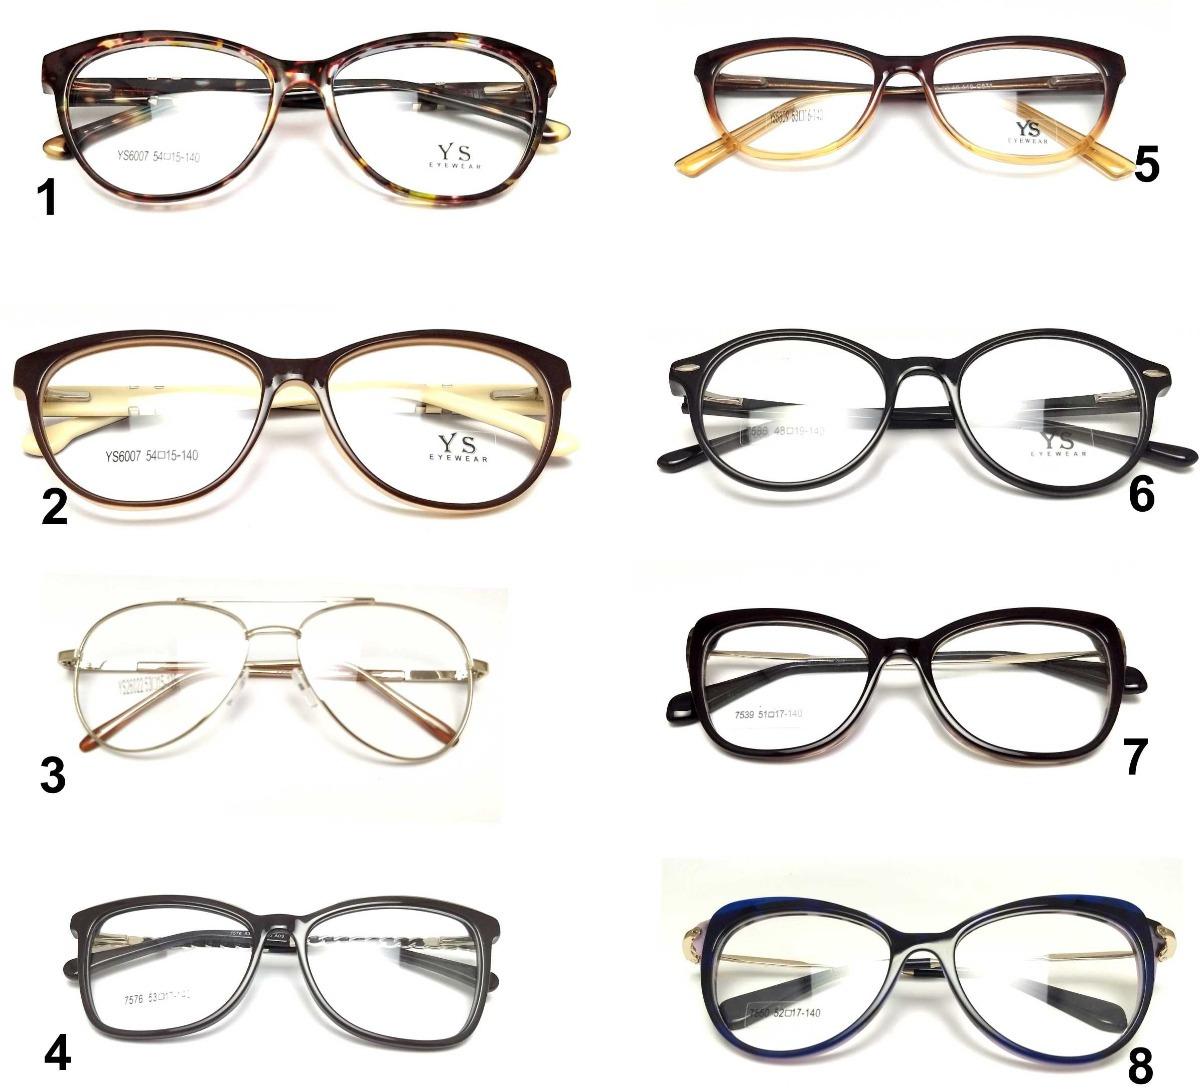 671925a4e armação óculos p/ grau feminino estilo gatinho em acetato. Carregando zoom.